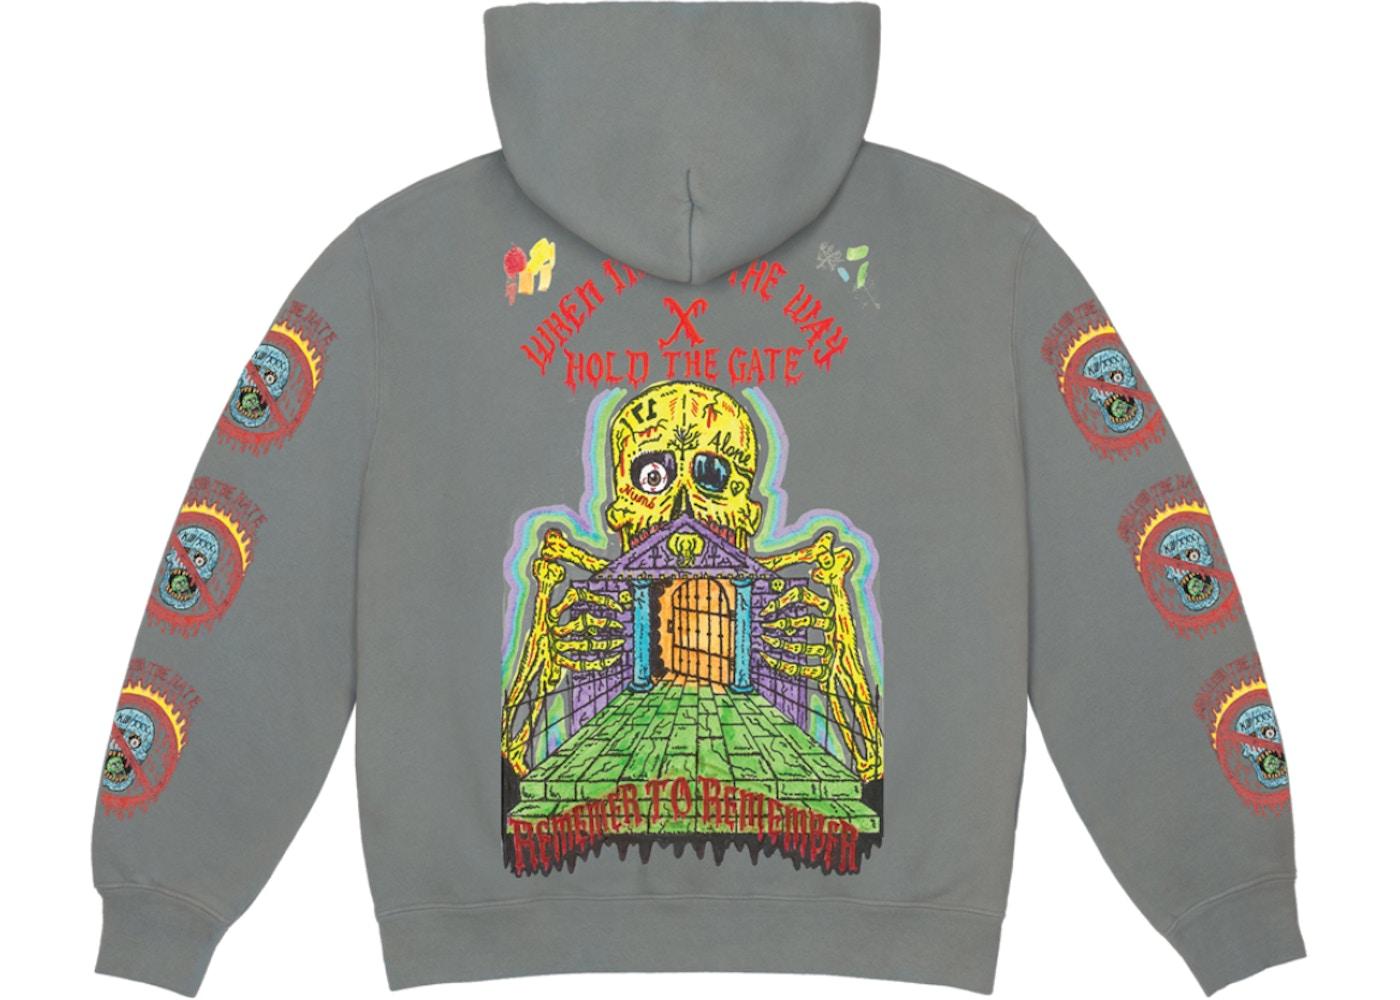 50d9874e Buy & Sell Artist Merch Streetwear - Average Sale Price